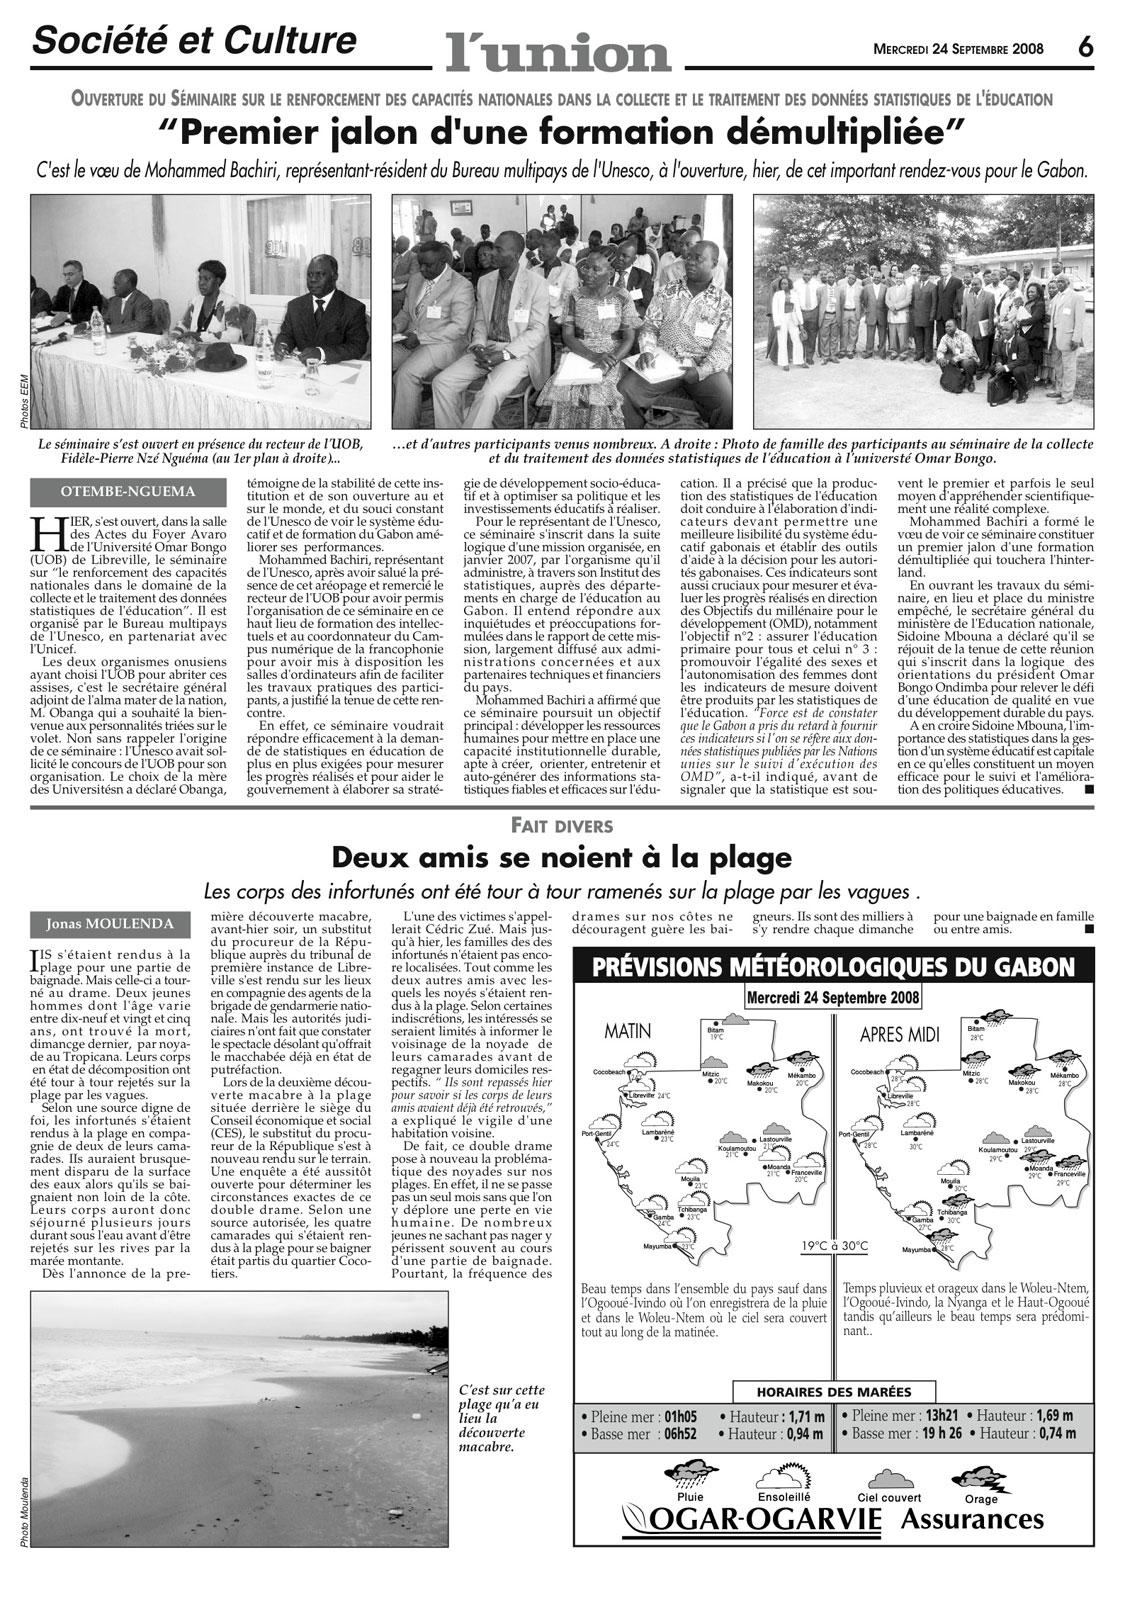 Hauteur Ciel De Pluie downloads   n9830-23-09-2008   septembre_2008   annee_2008